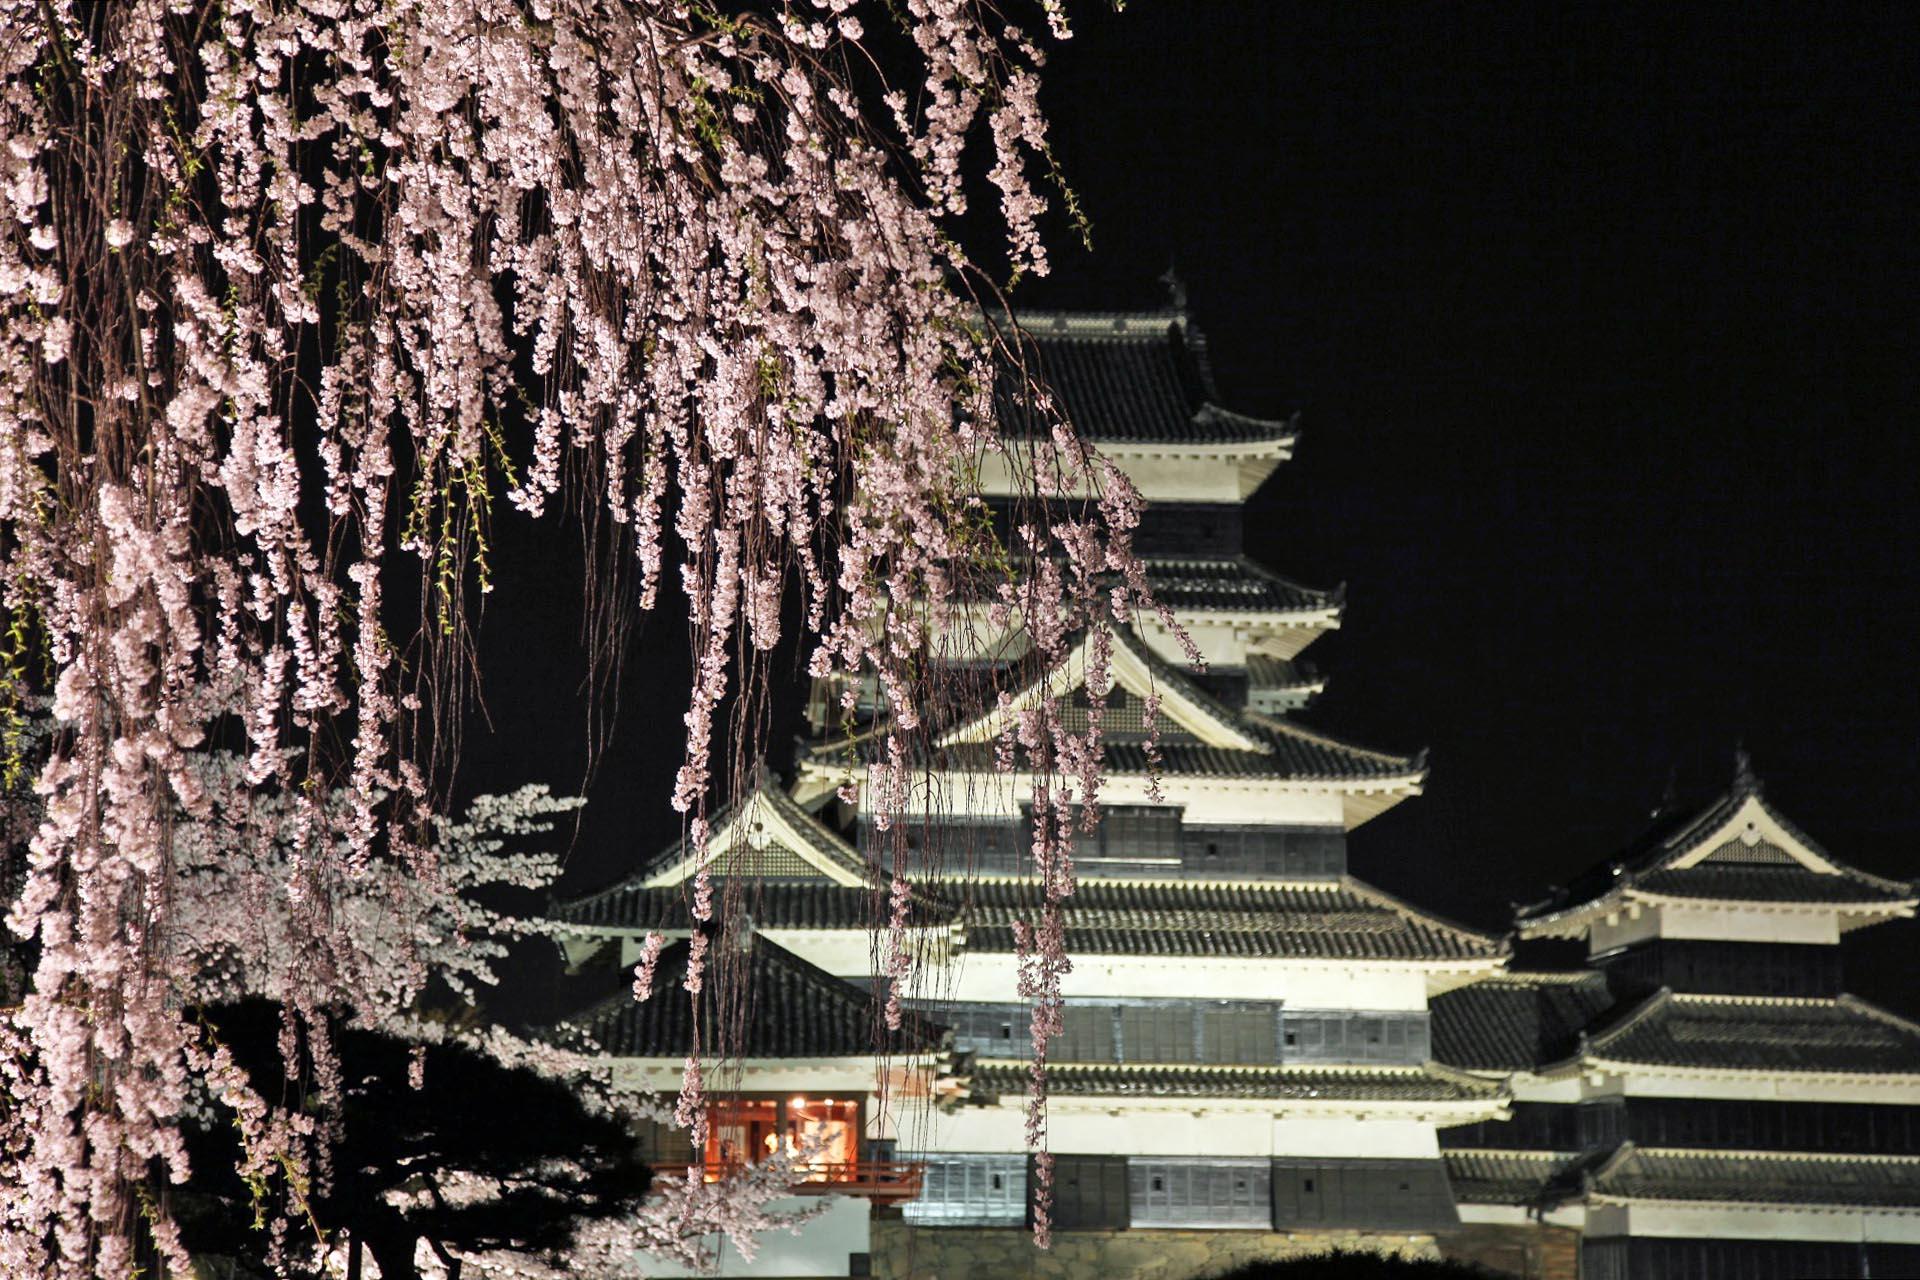 夜の松本城と桜の風景 長野の風景